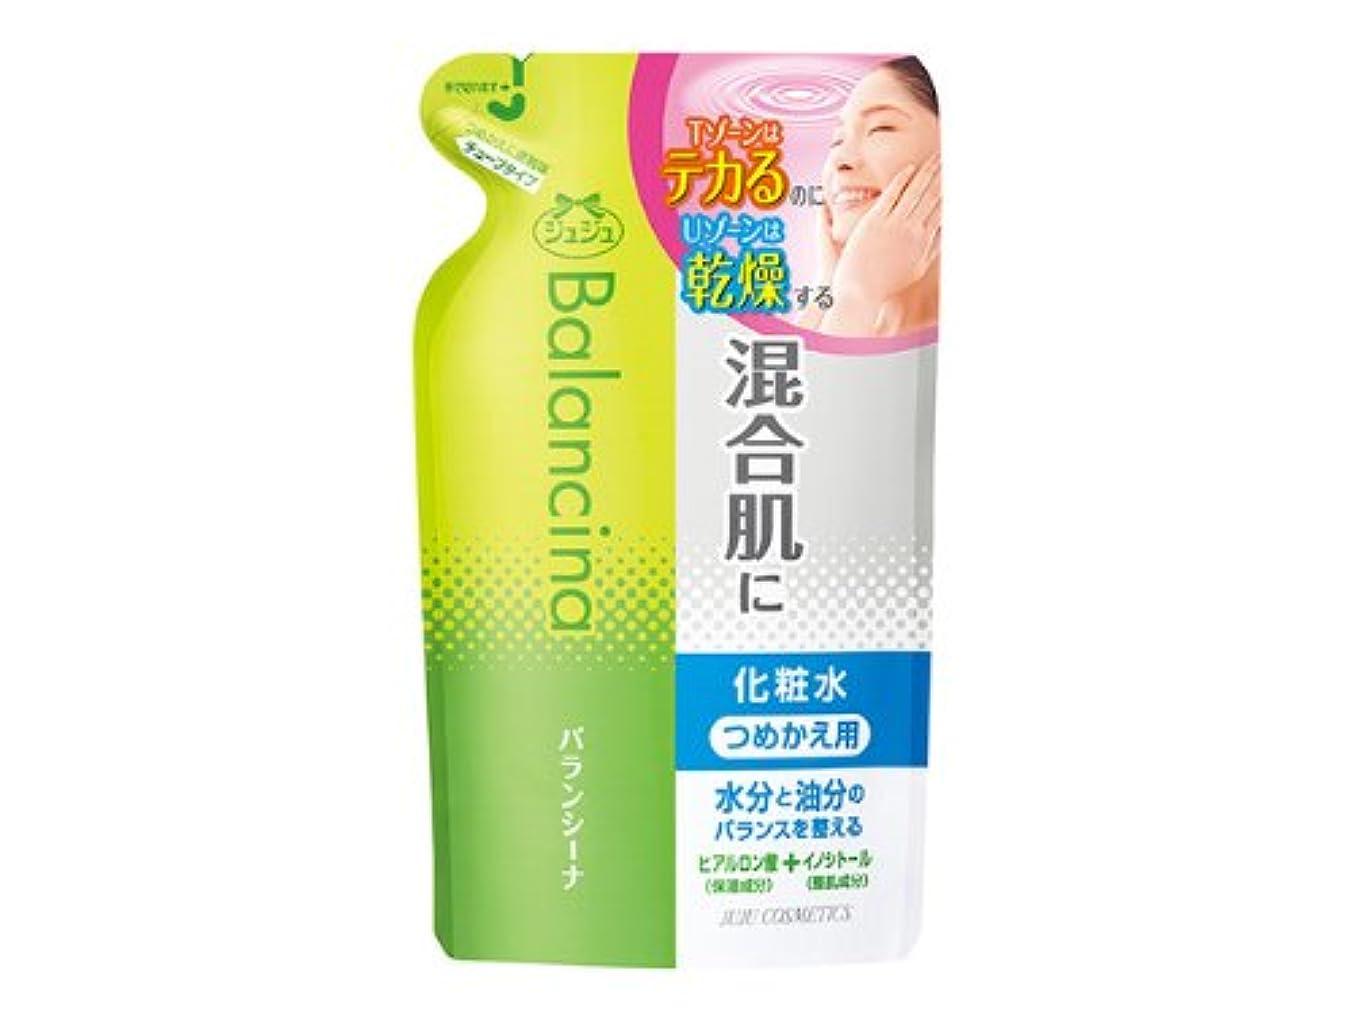 毛布情報ロマンスバランシーナ 混合肌用化粧水 つめかえ用 130mL